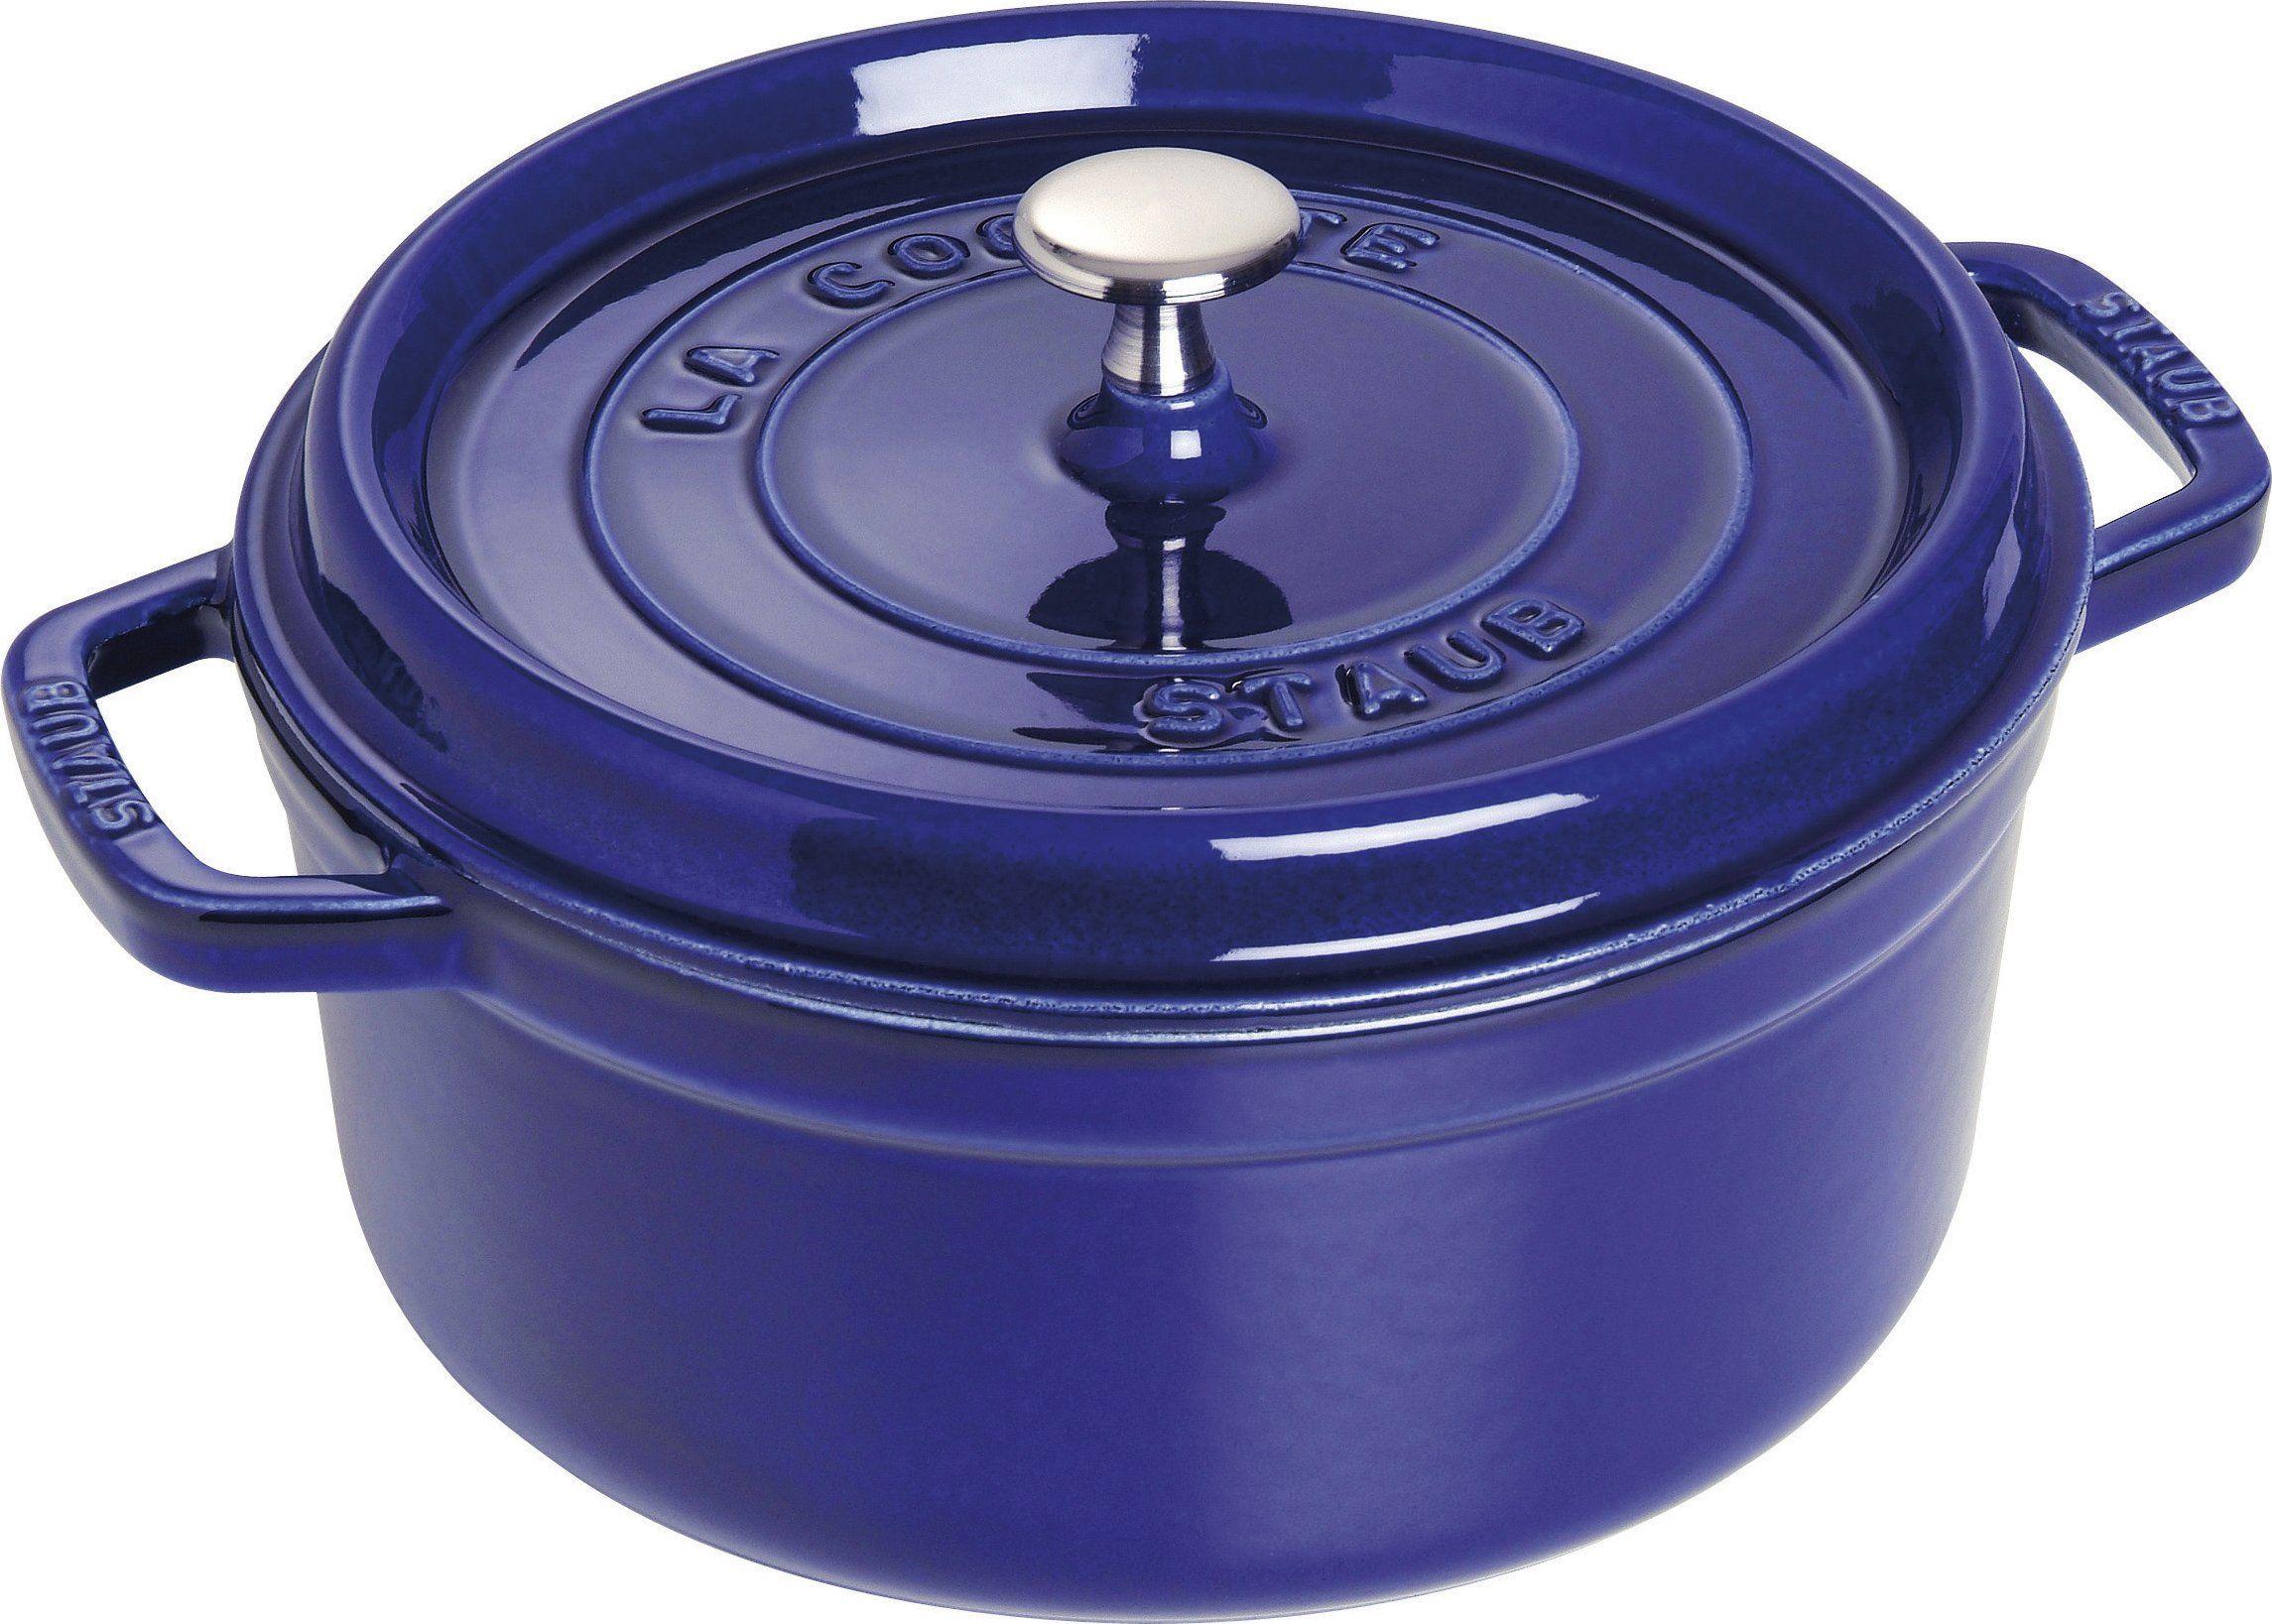 STAUB Żeliwne naczynie do pieczenia/Cocotte, okrągłe 24 cm, 3,8 l, ciemnoniebieskie